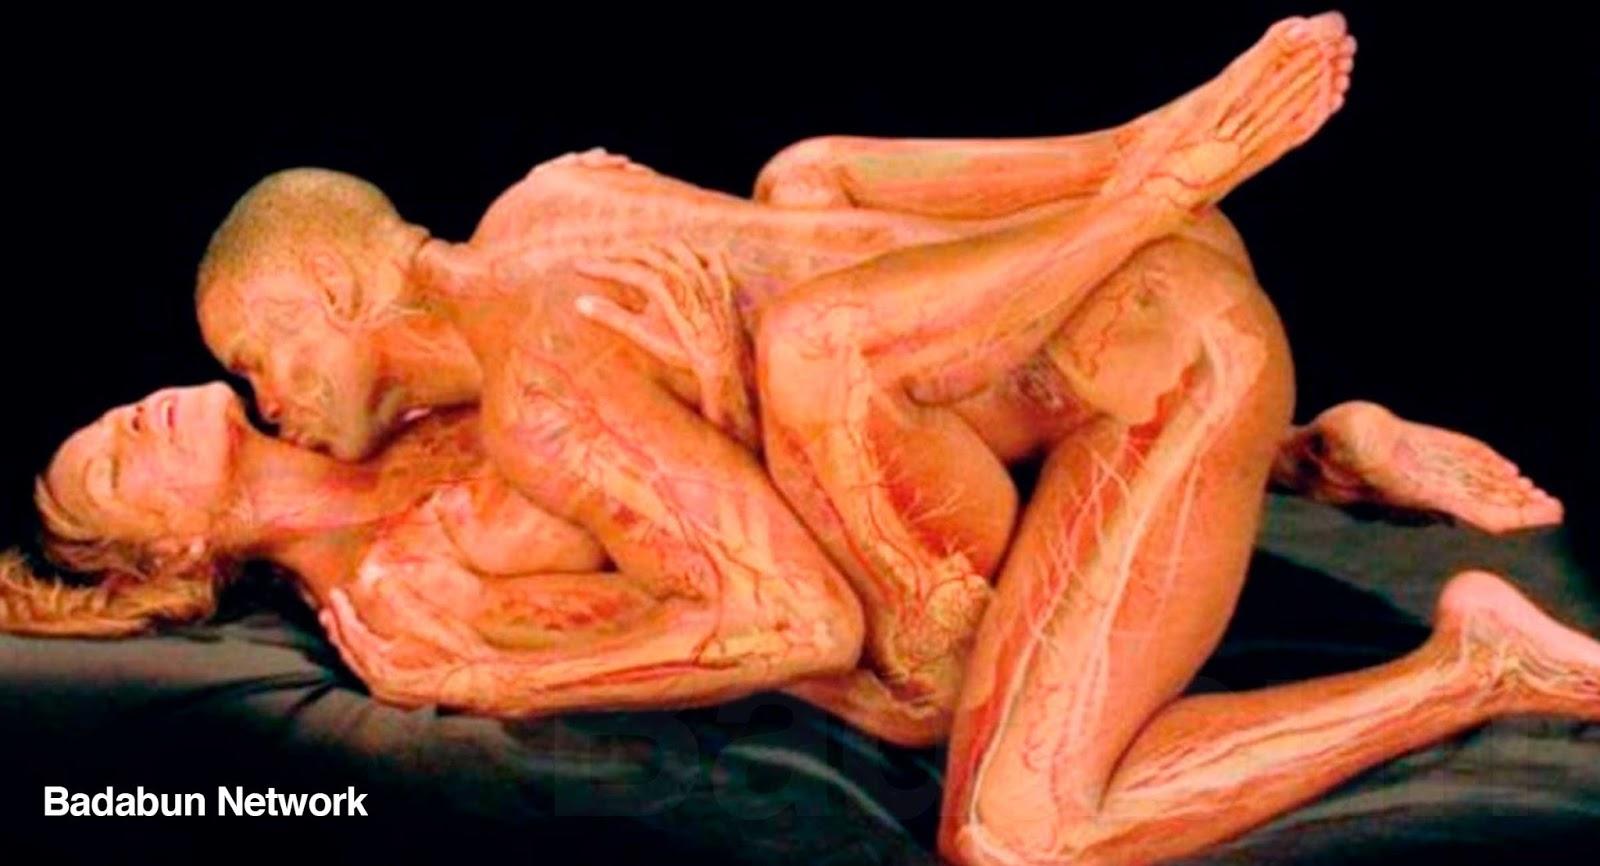 Asombroso Dentro Del Cuerpo Humano Femenino Imágenes - Anatomía de ...